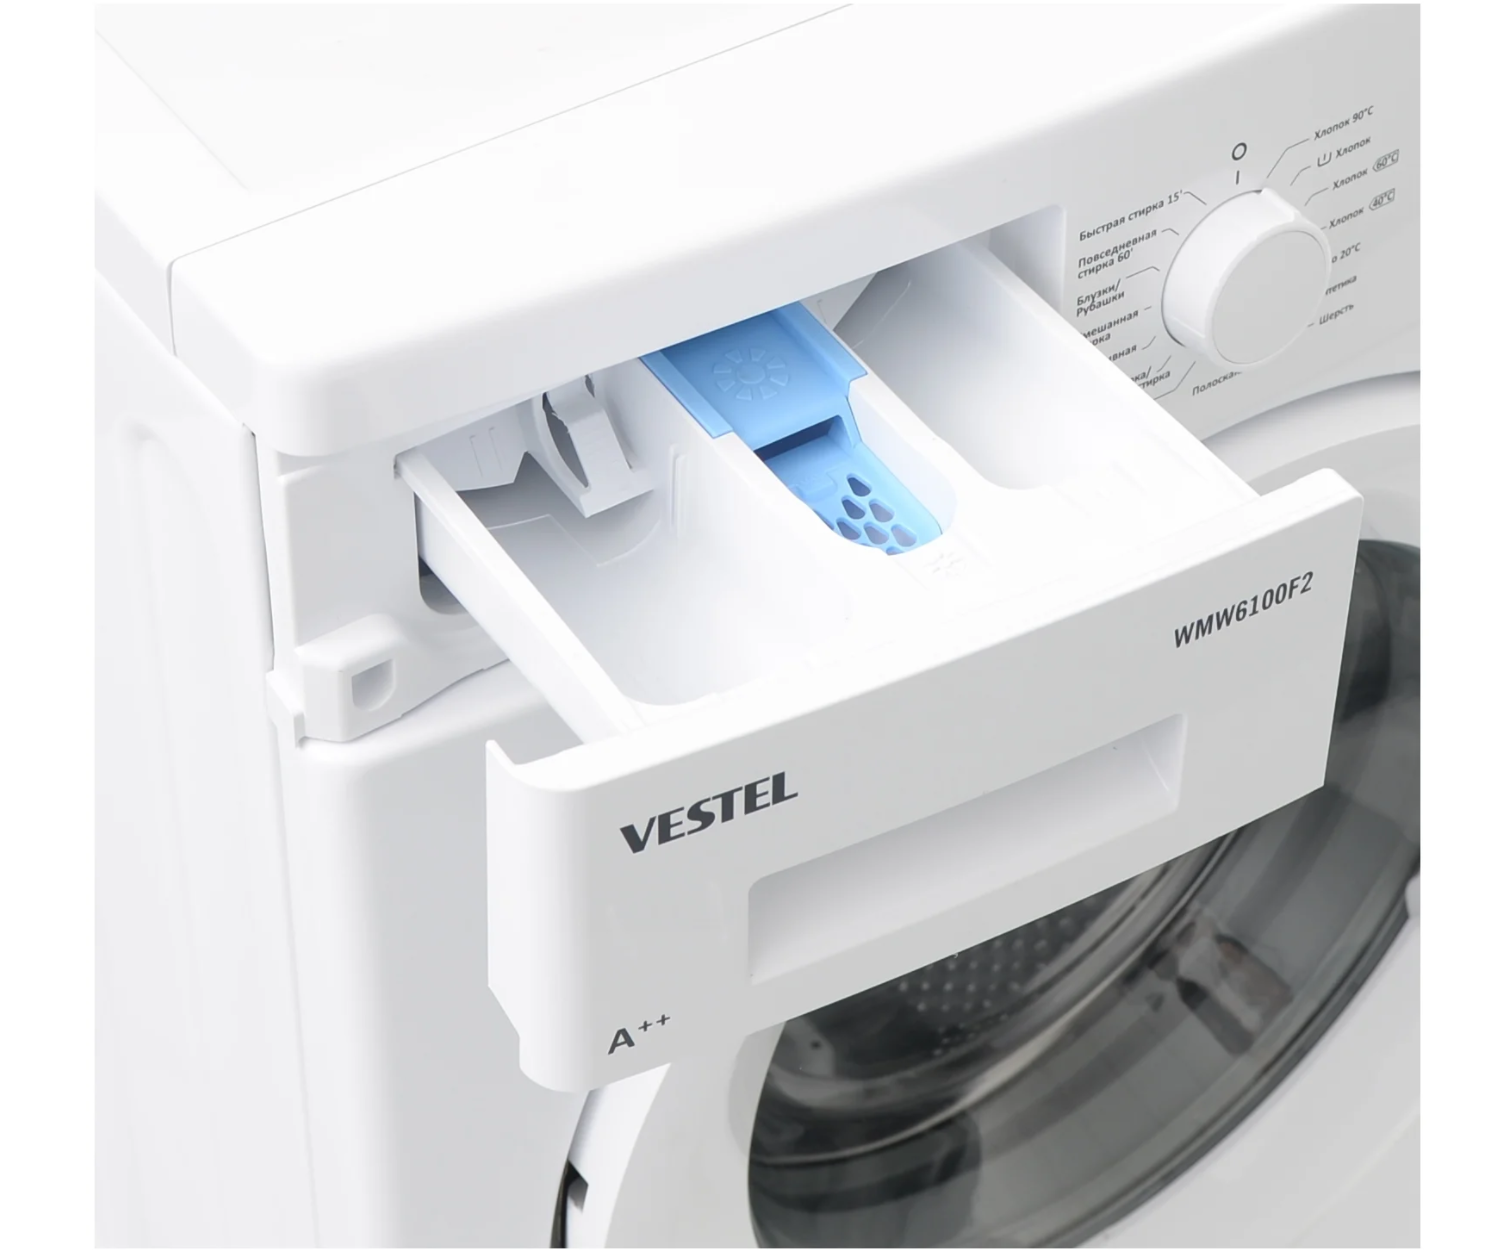 Стиральная машина Vestel WMW6100F2